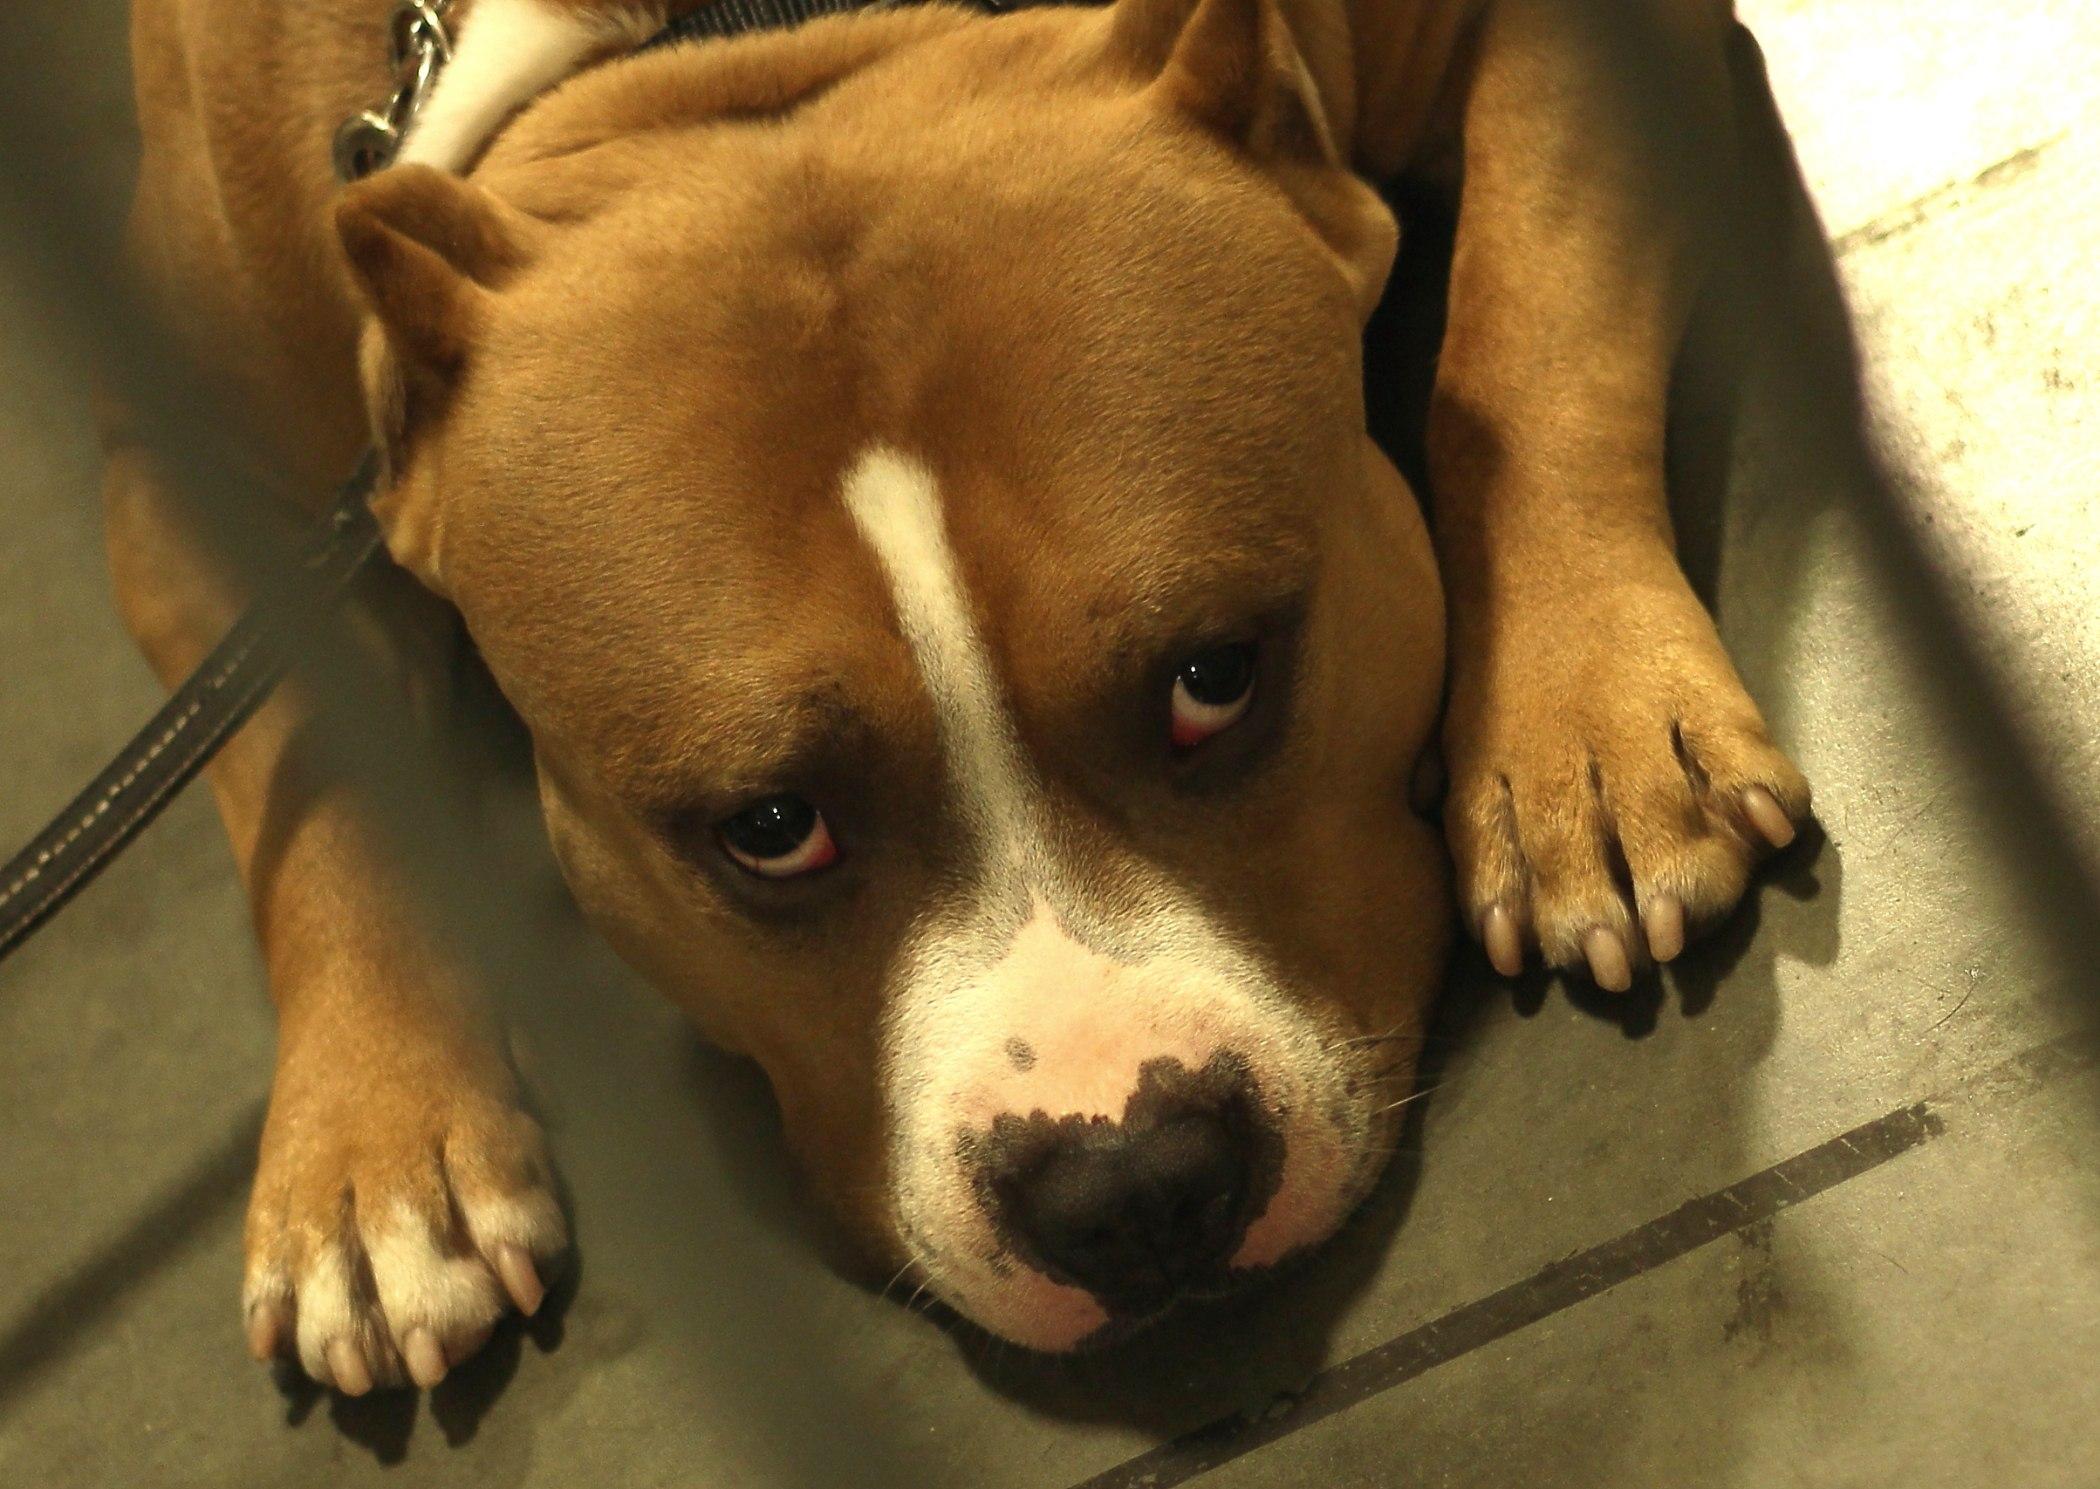 #senatelife_Senatedjs_Dogshow_Life_Of_a_Senatdj_2100 × 1489